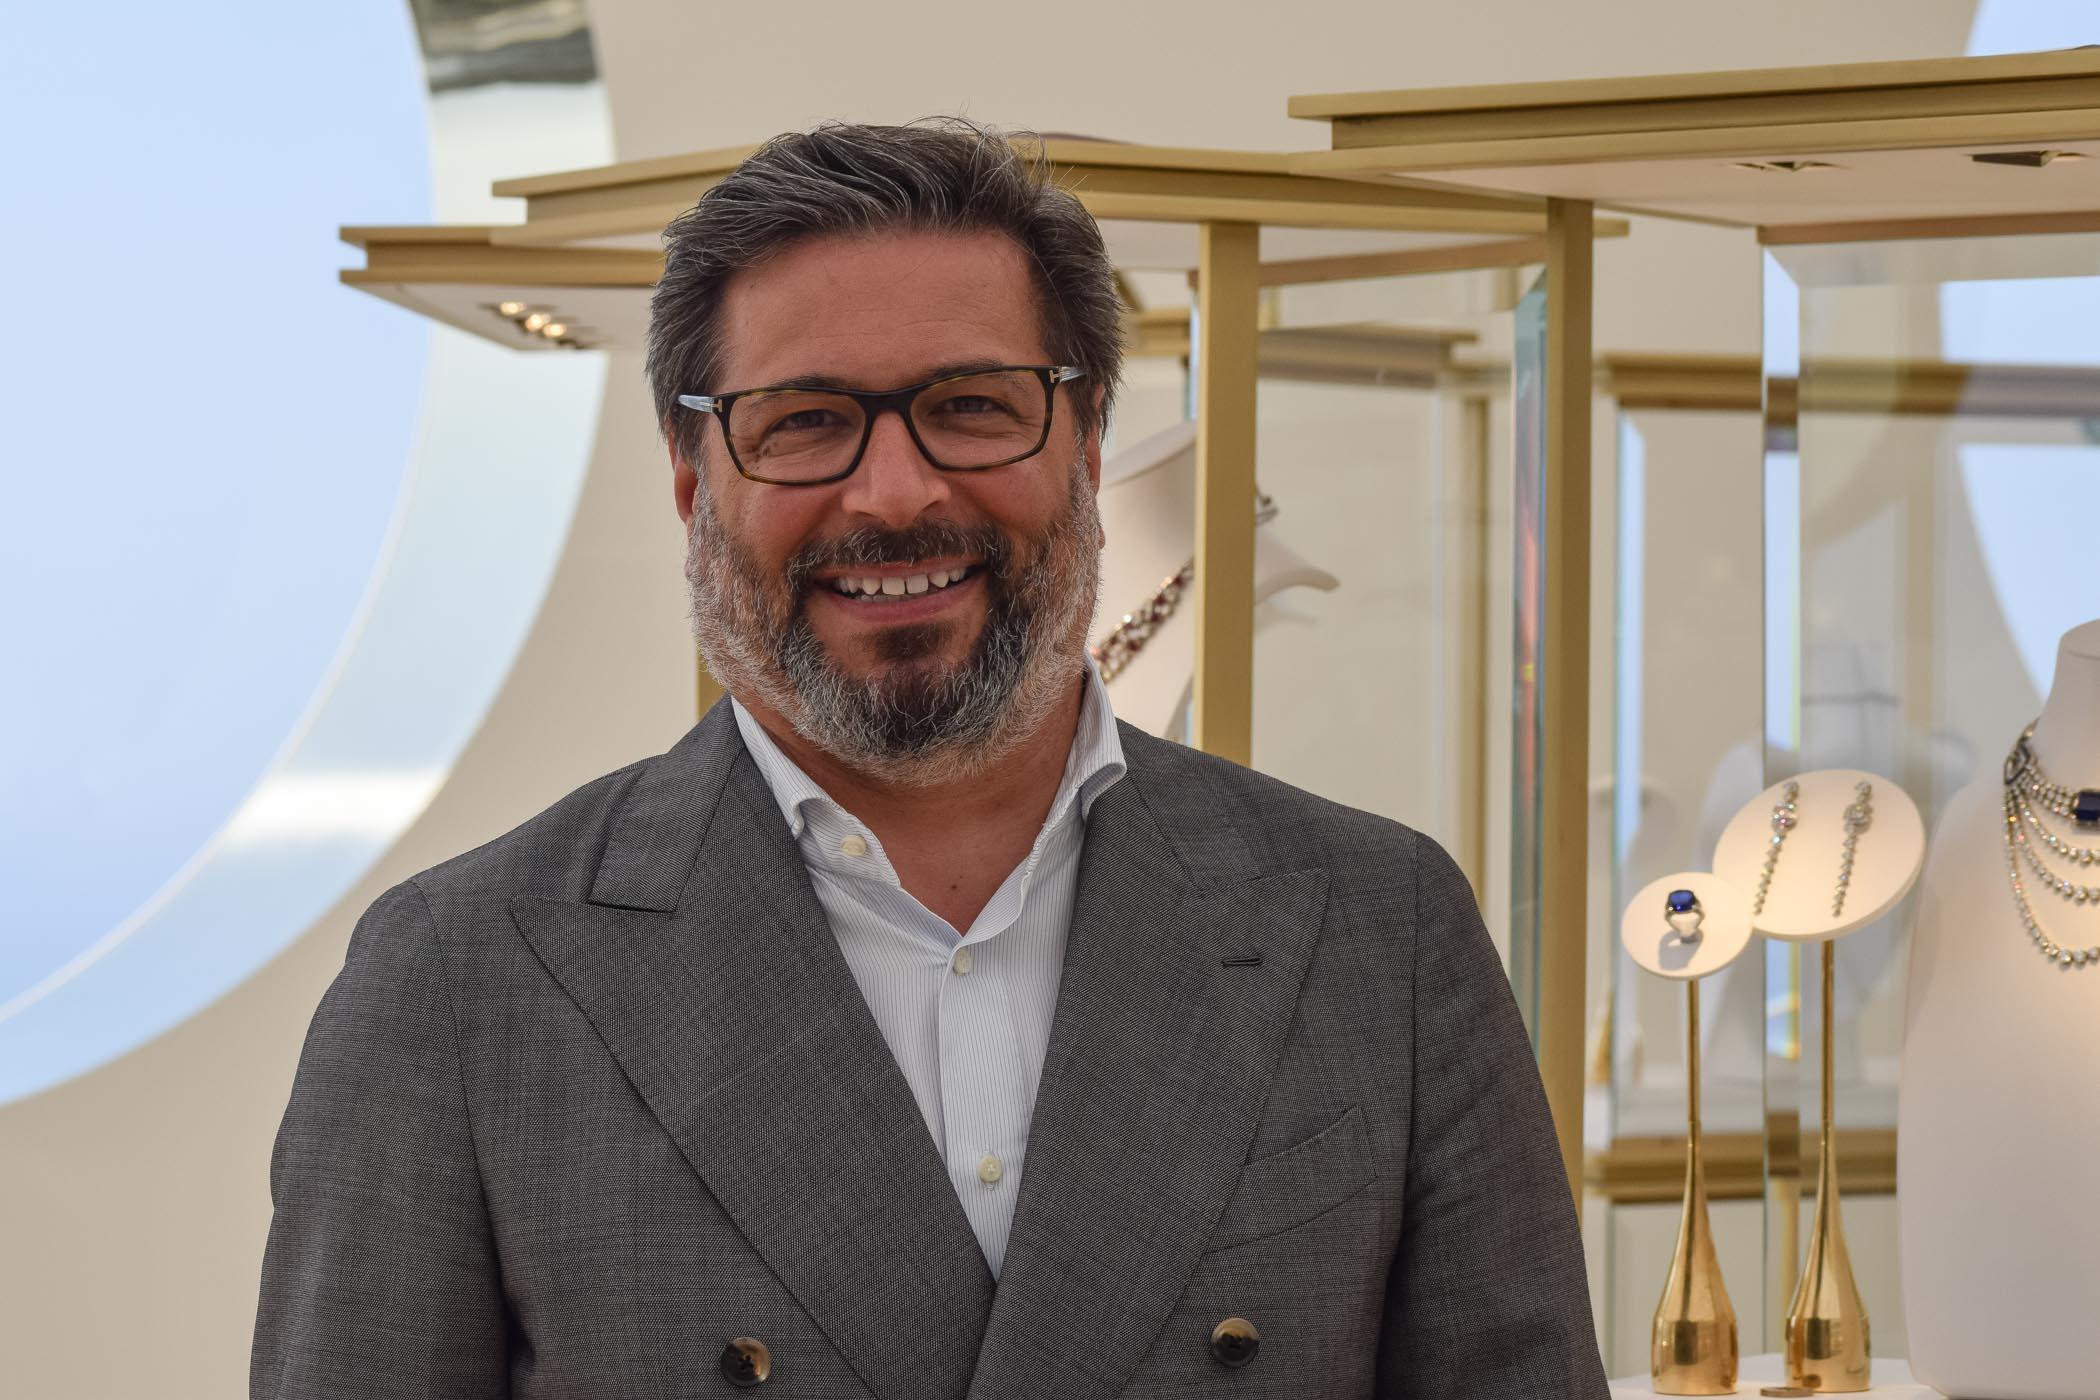 Guido Terreni Managing Director Bvlgari watch division